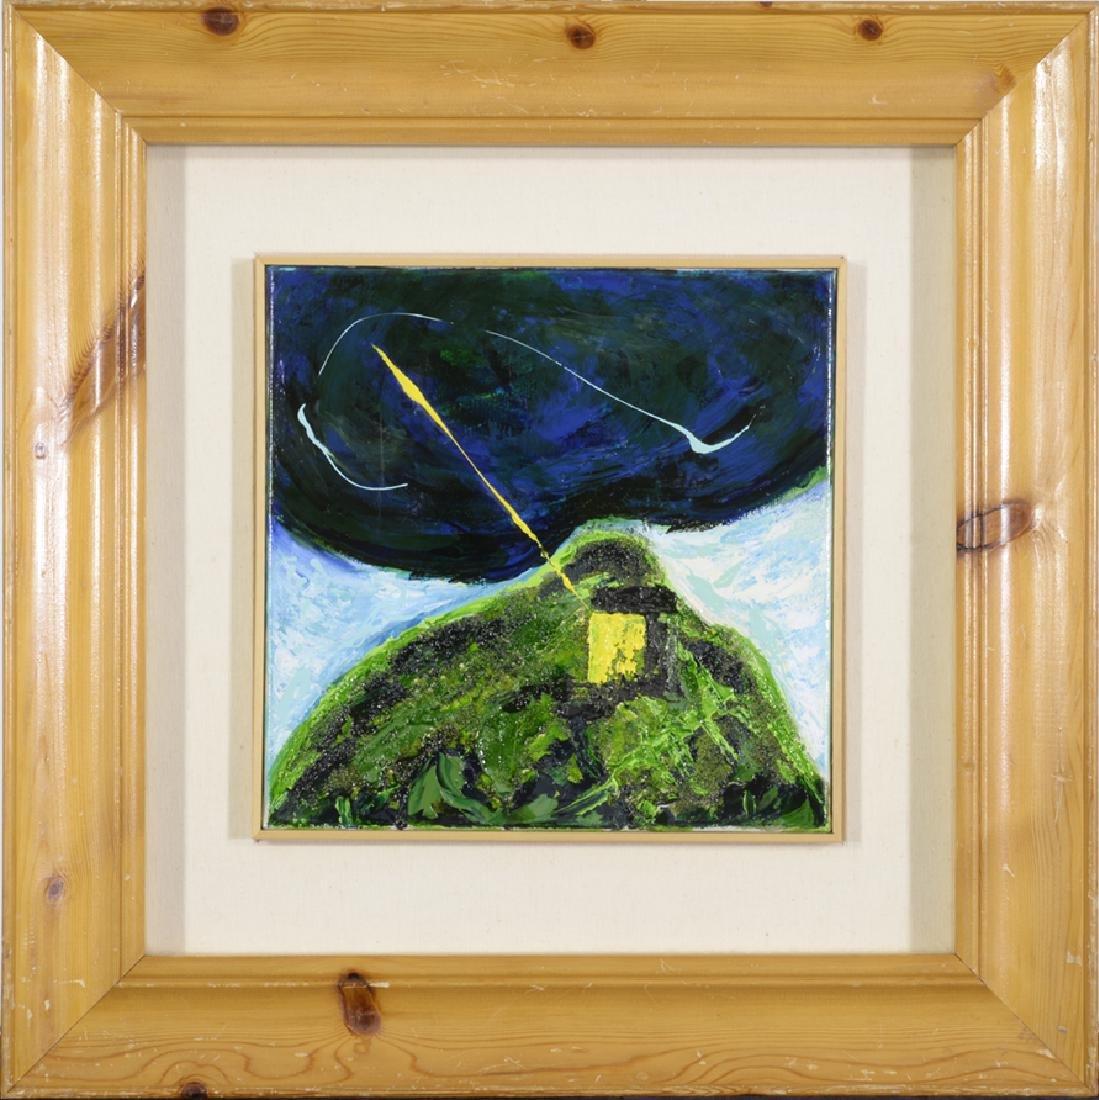 Mario Schifano 1934-1998, Original Enamel on Canvas